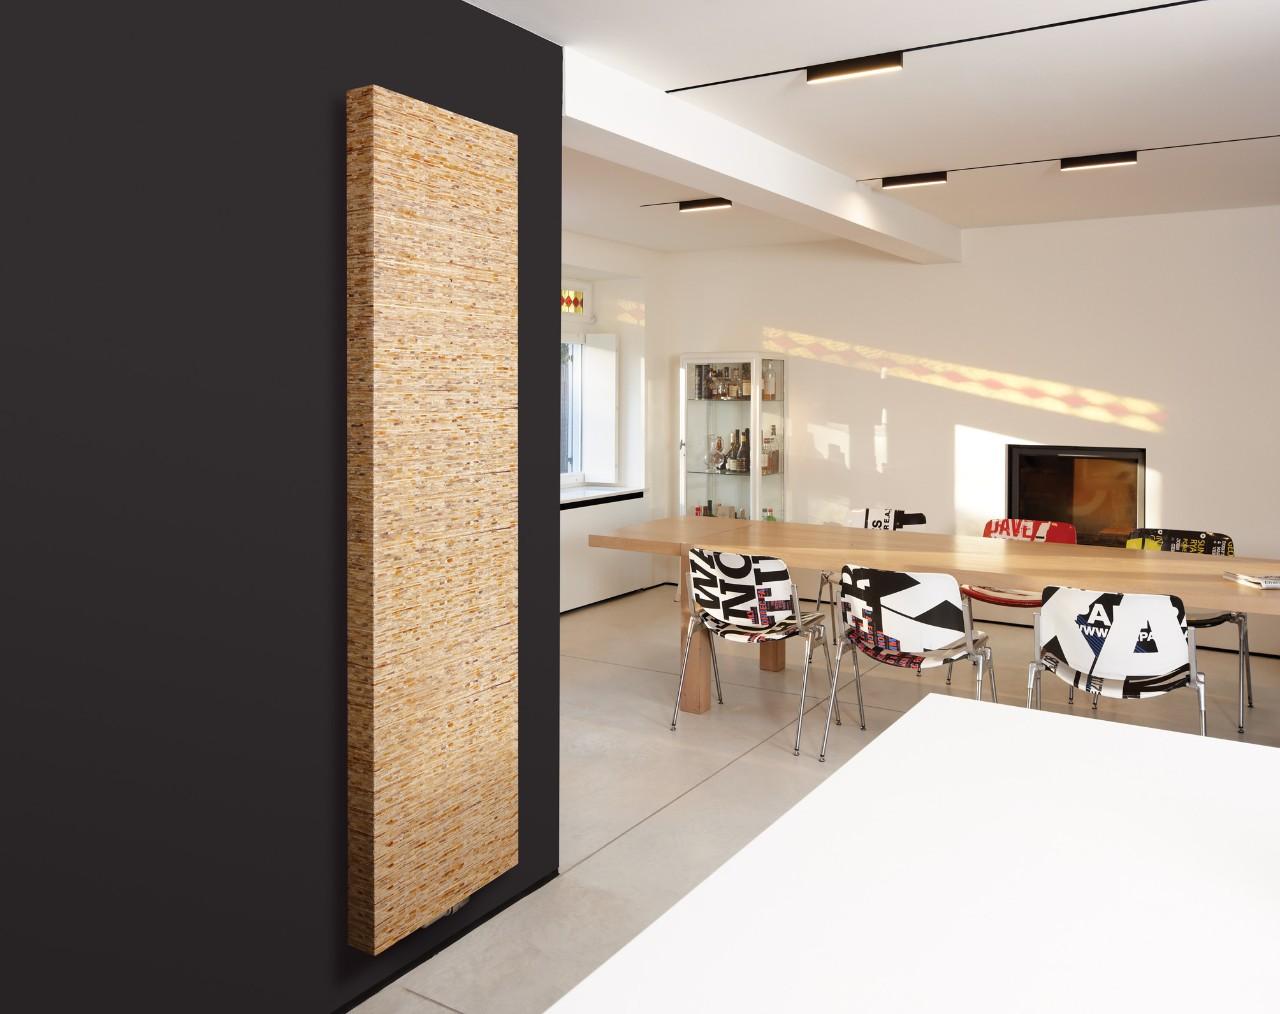 Design Radiotor Keuken : Design radiator badkamer